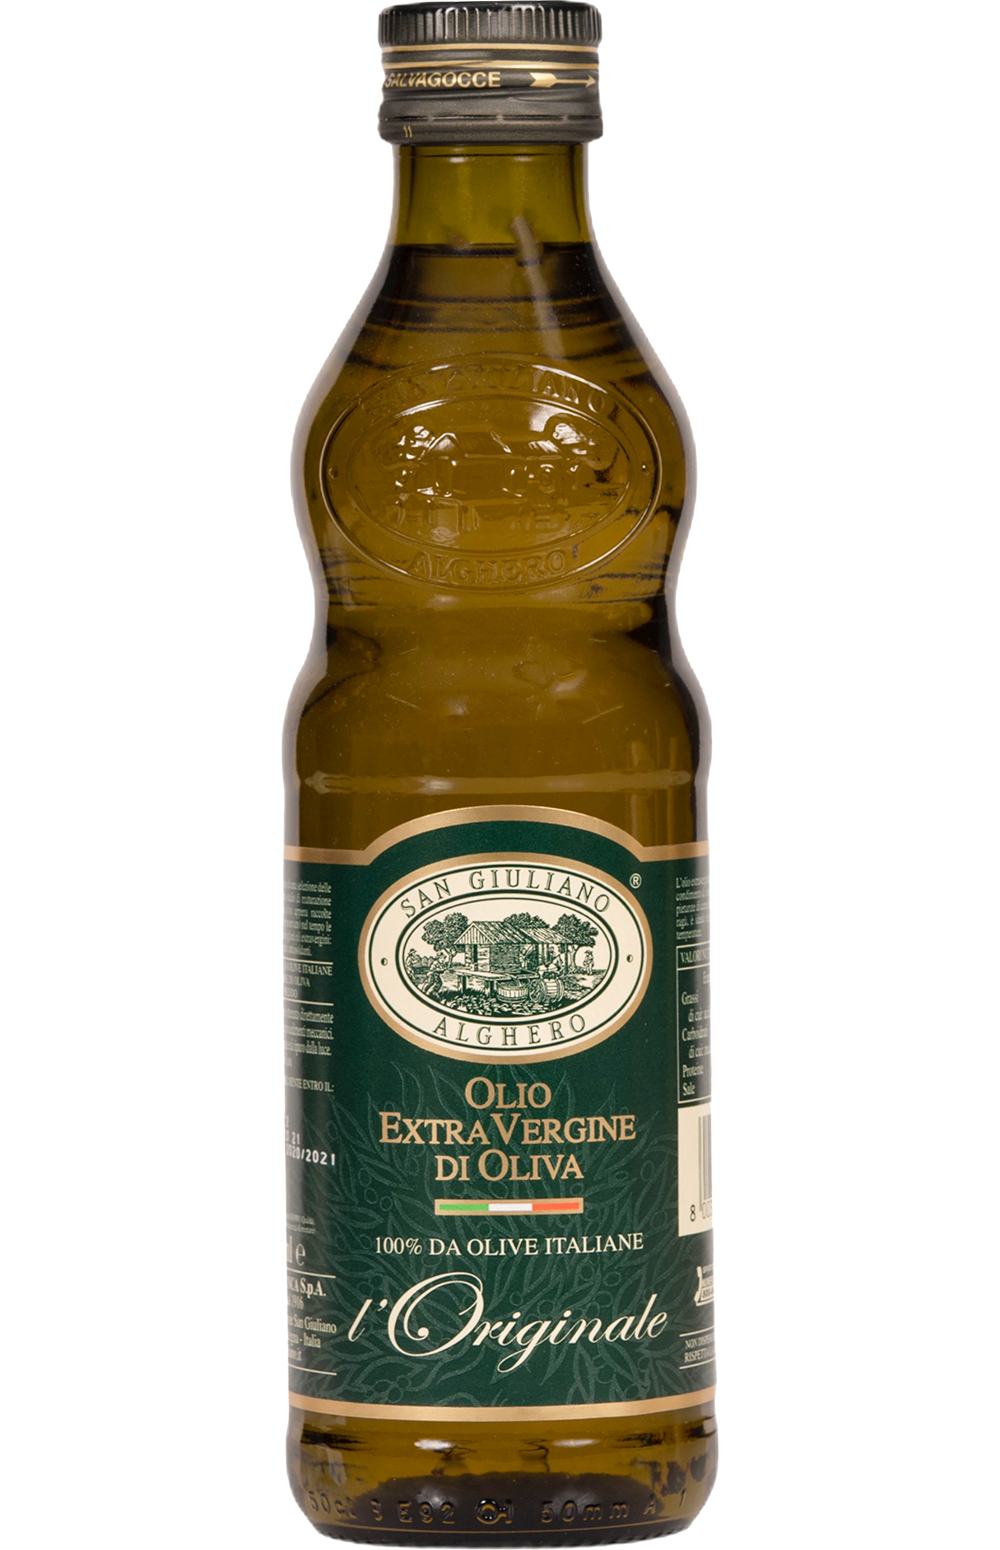 San Giuliano Alchero- L' Originale